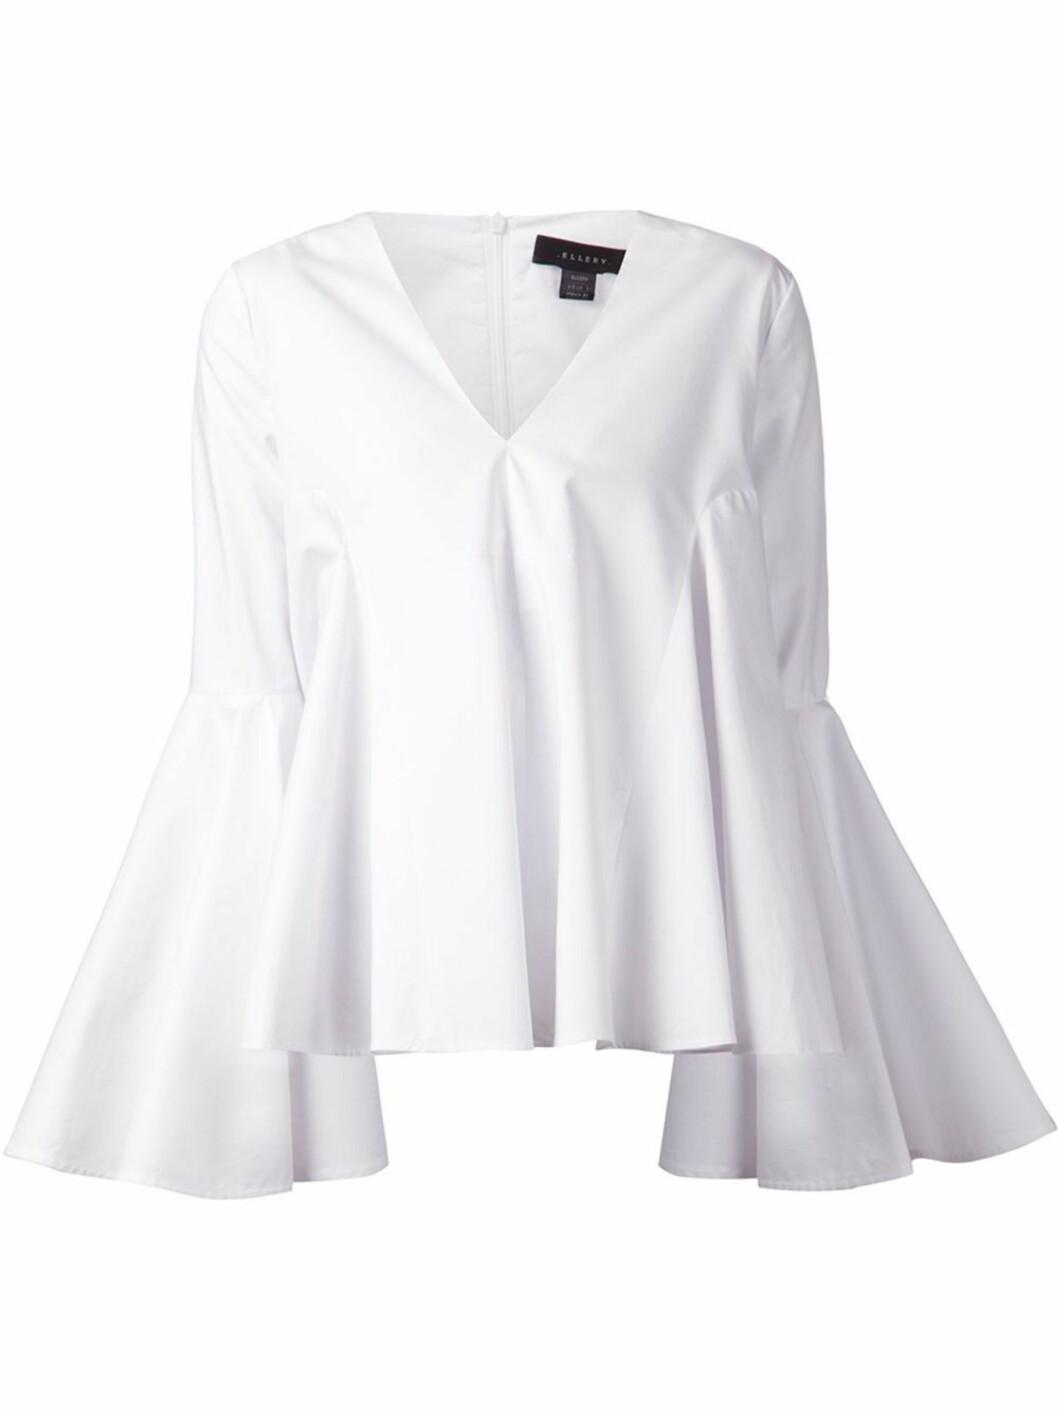 TRENDSKJORTEN: Skjorten fra Ellery har fått stor oppmerksomhet i motebildet den siste tiden.  Foto: Elleryland.com